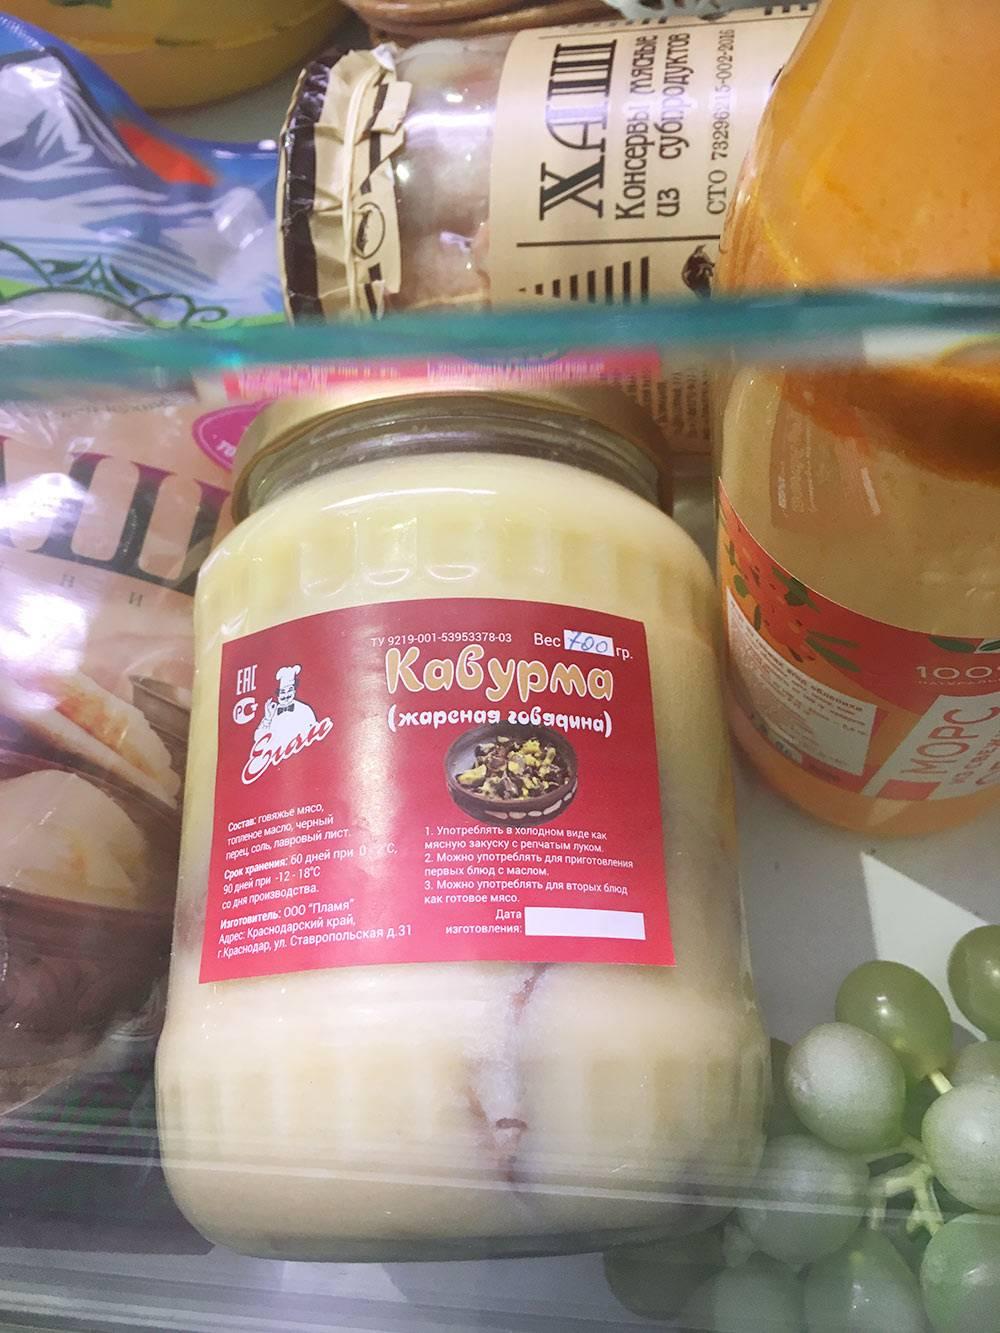 Кавурма — традиционная армянская тушенка из жареной или томленой говядины